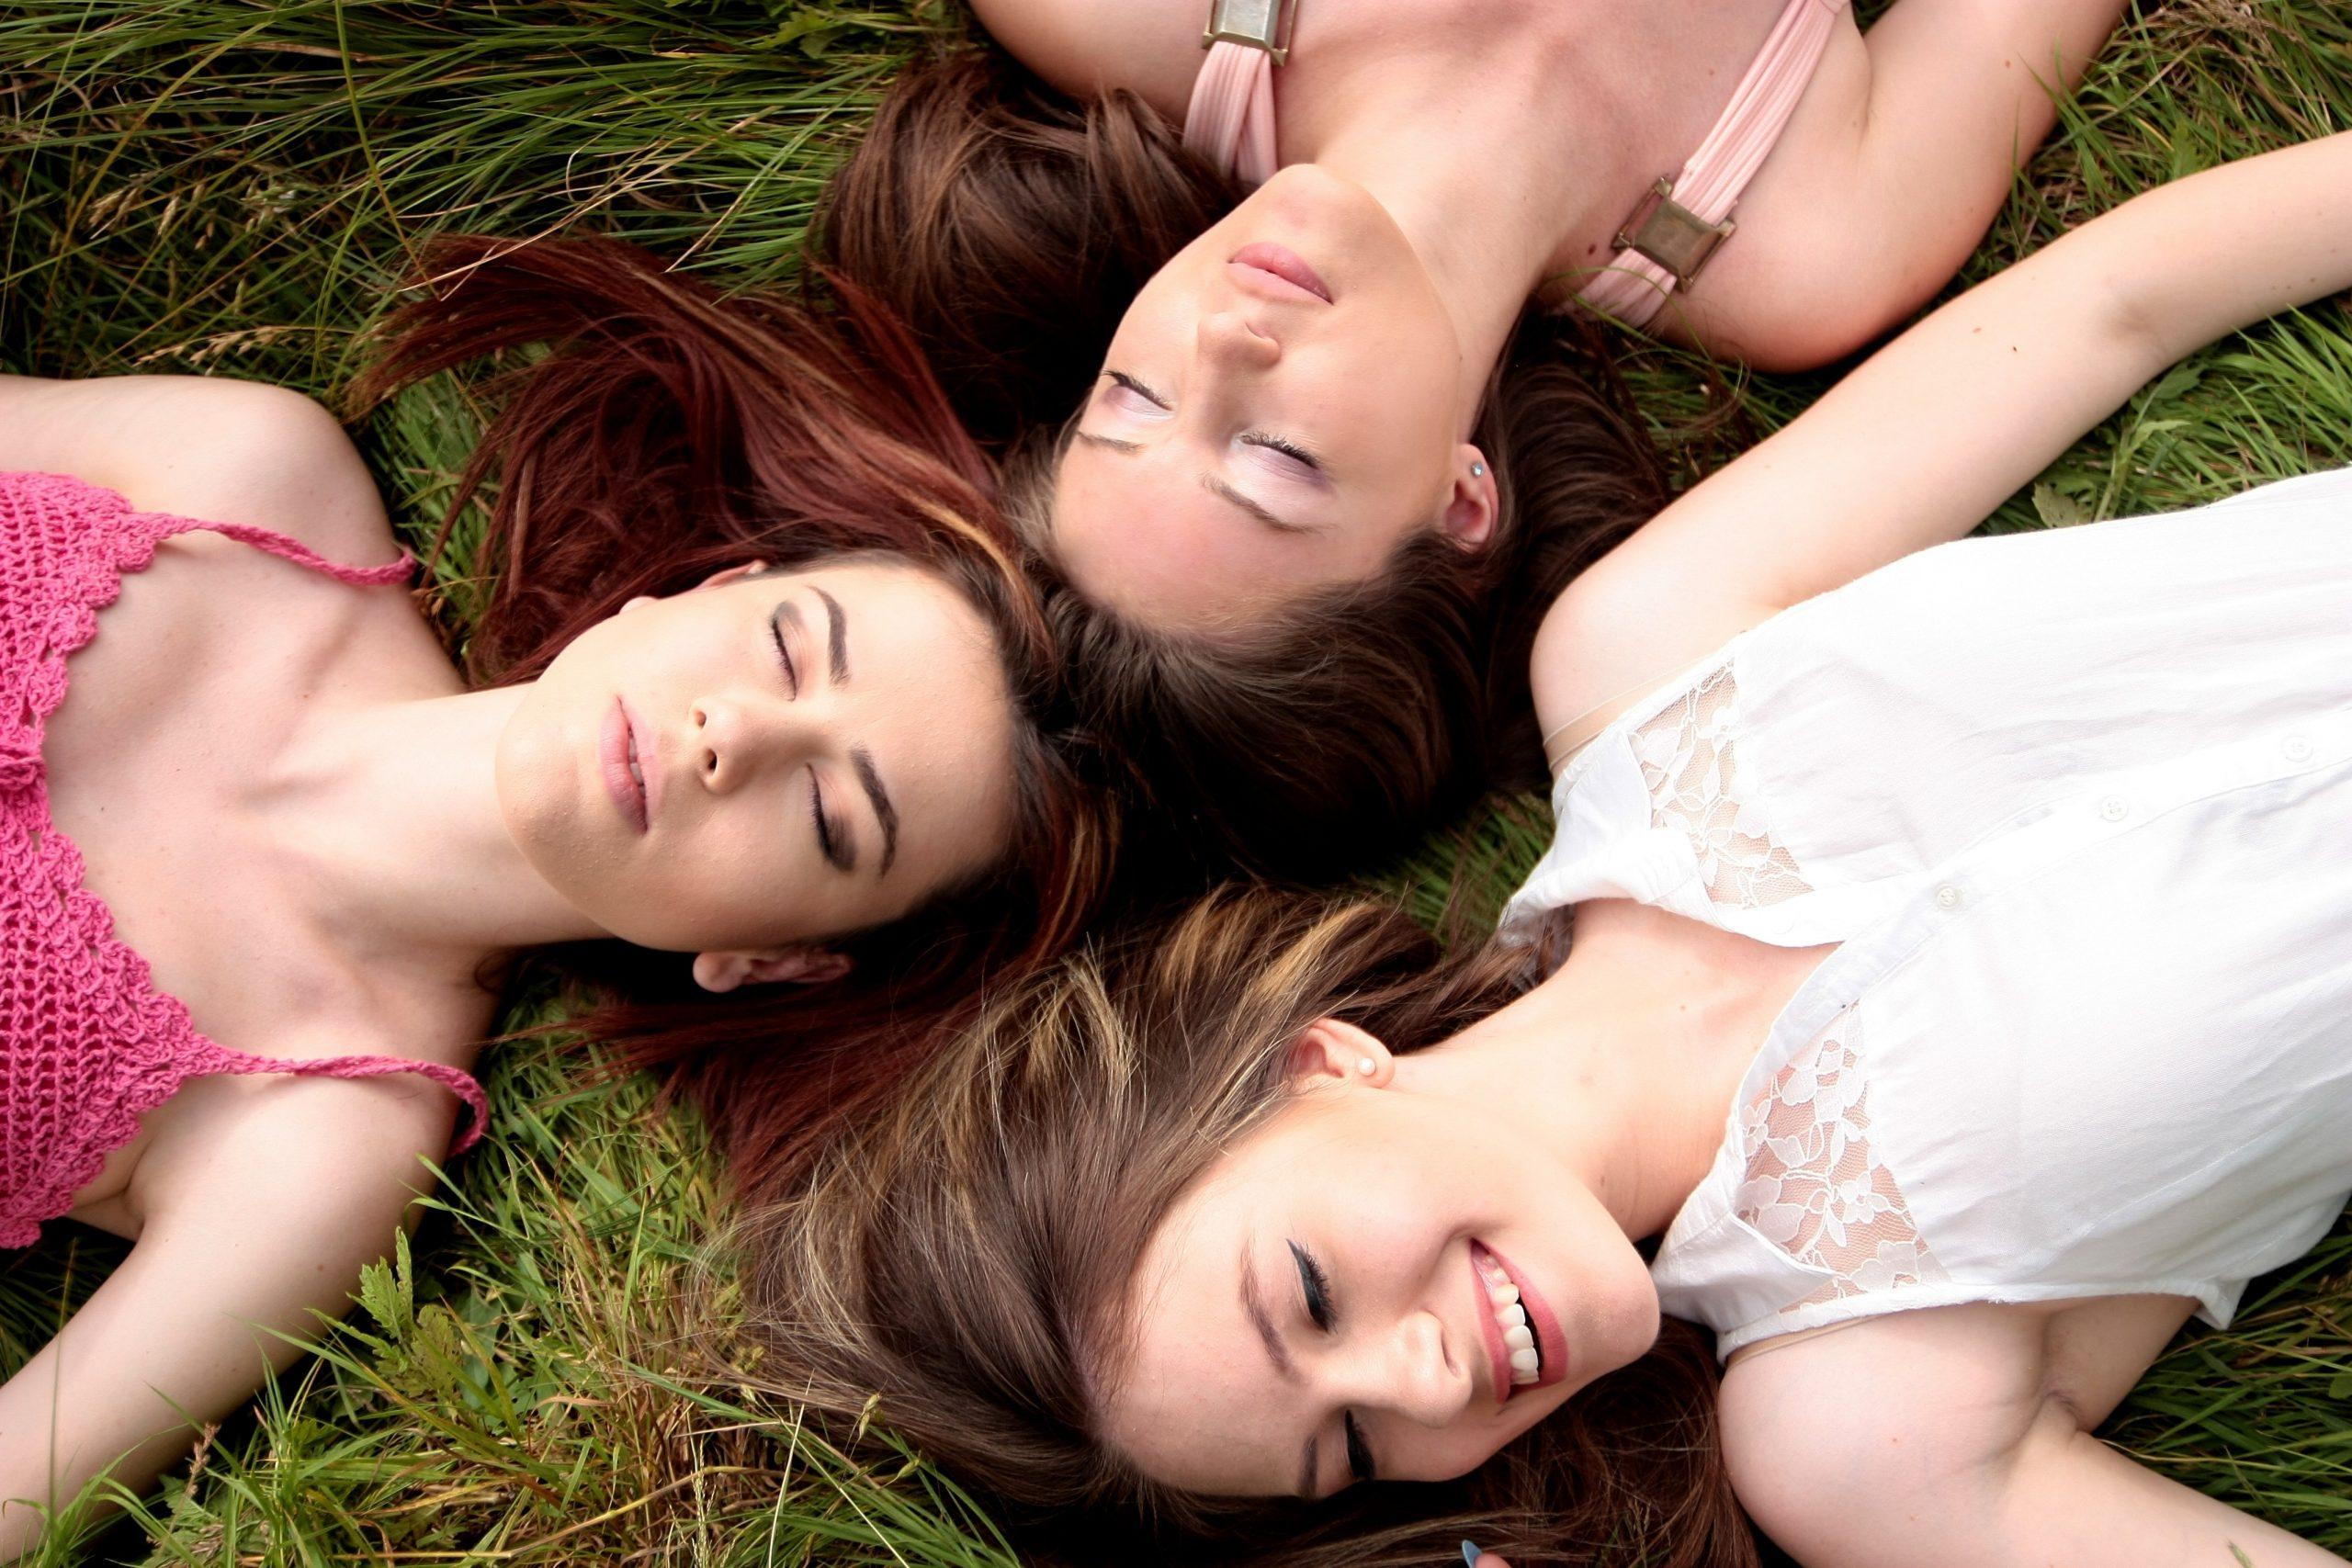 Amicizia tossica quando si vive all'estero: come riconoscerla e gestirla al meglio.